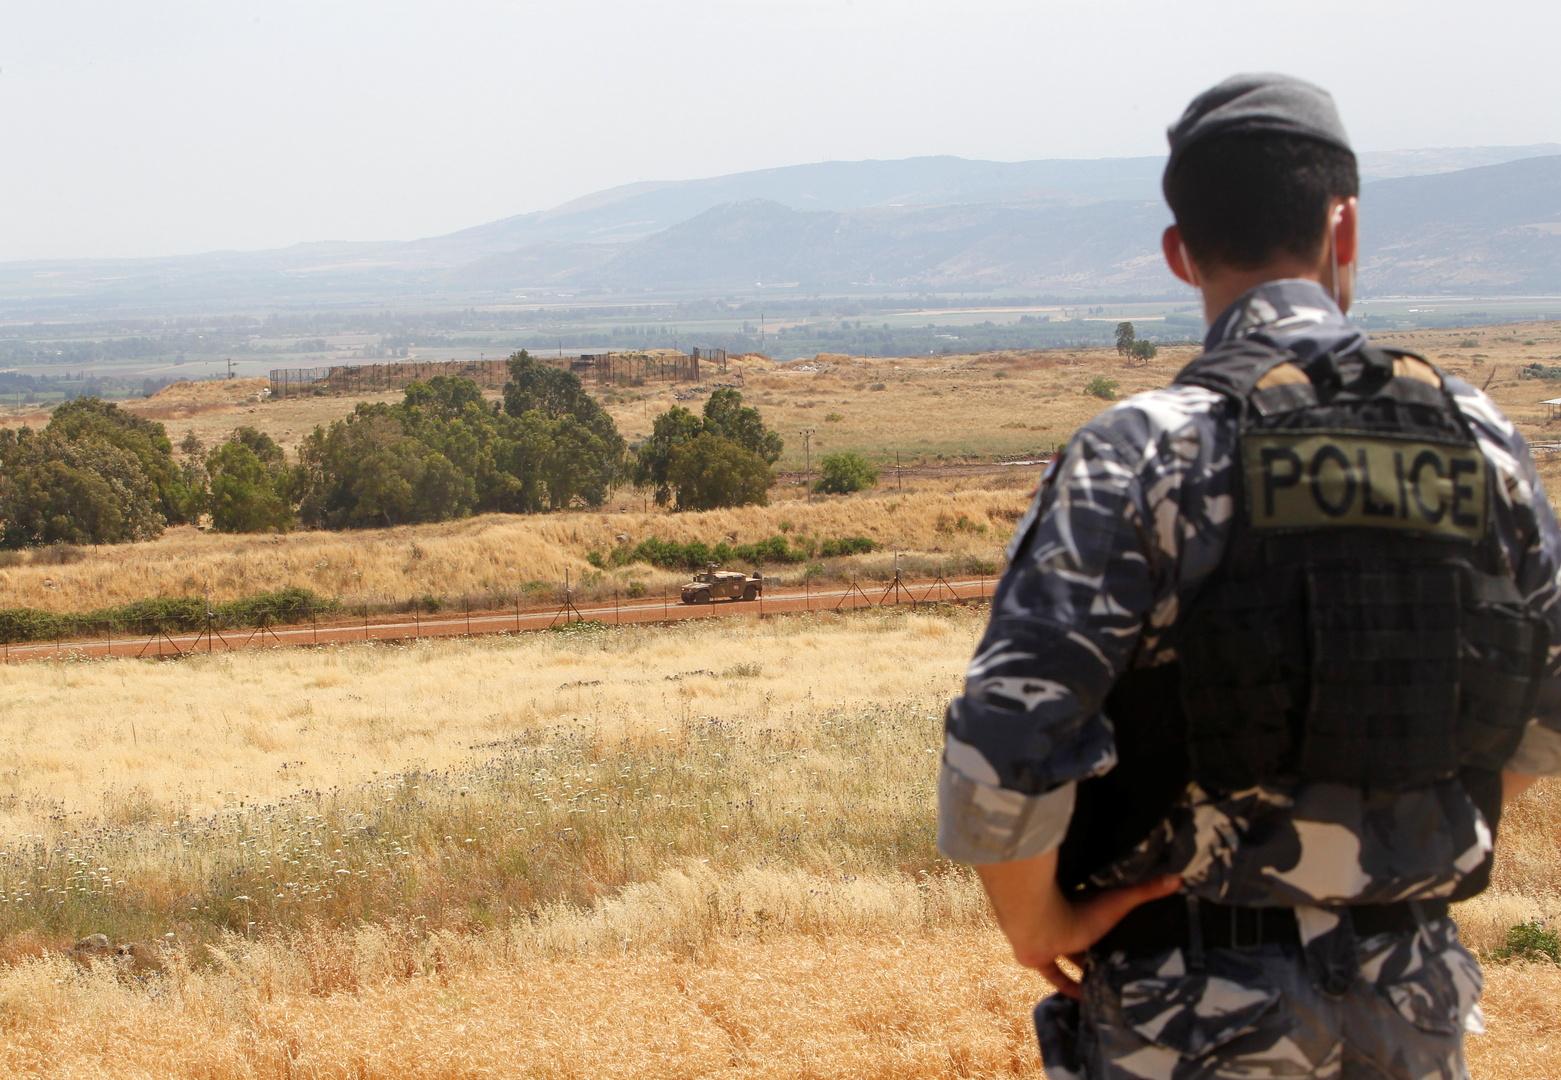 بينهم سوريون.. توقيف شبكة تصنع المخدرات في لبنان وتهربها إلى الخليج